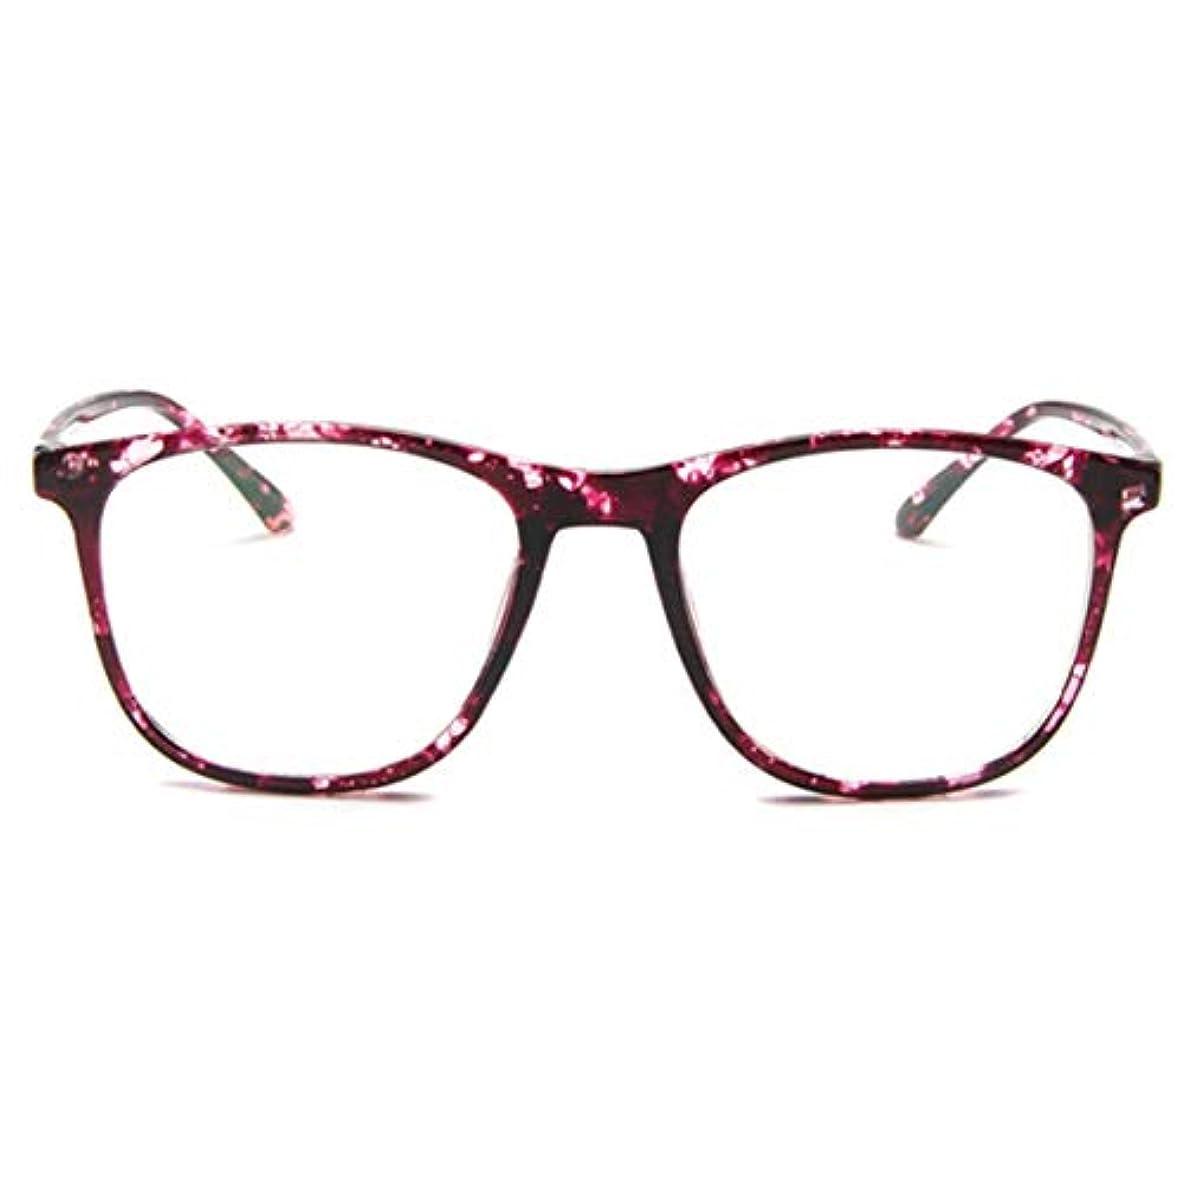 準備した船形付録韓国の学生のプレーンメガネ男性と女性のファッションメガネフレーム近視メガネフレームファッショナブルなシンプルなメガネ-パープル